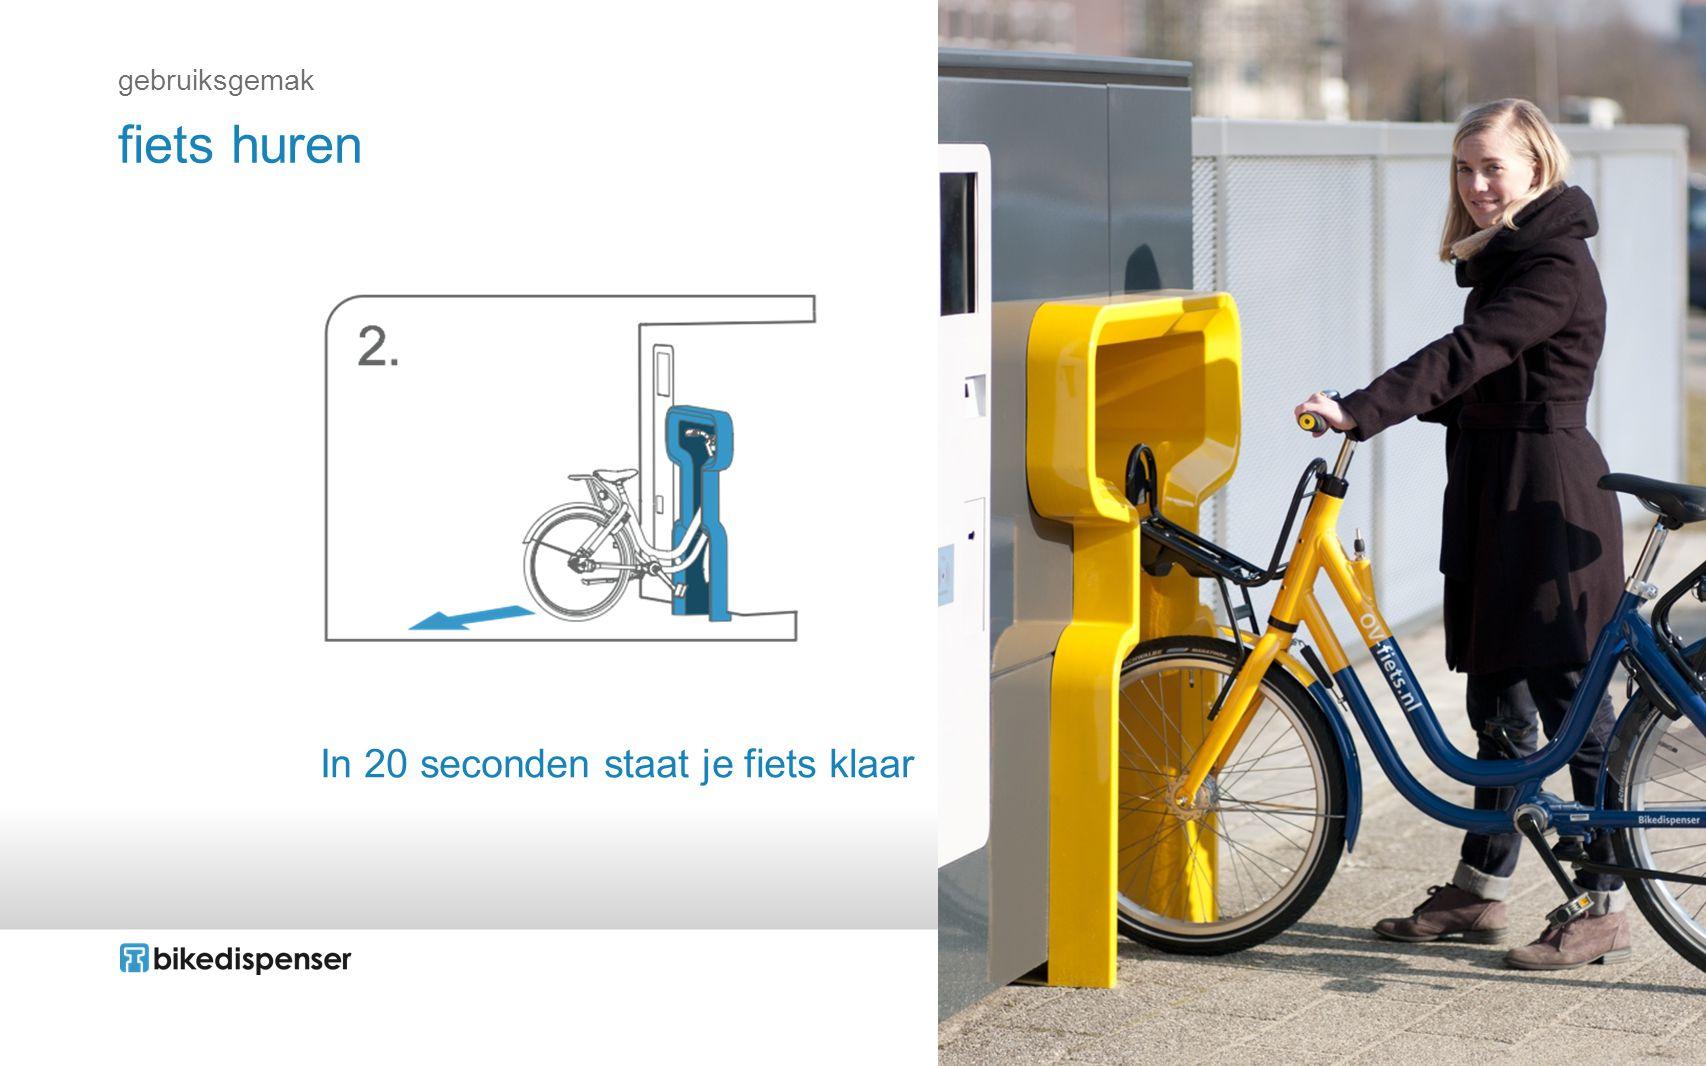 gebruiksgemak fiets huren In 20 seconden staat je fiets klaar